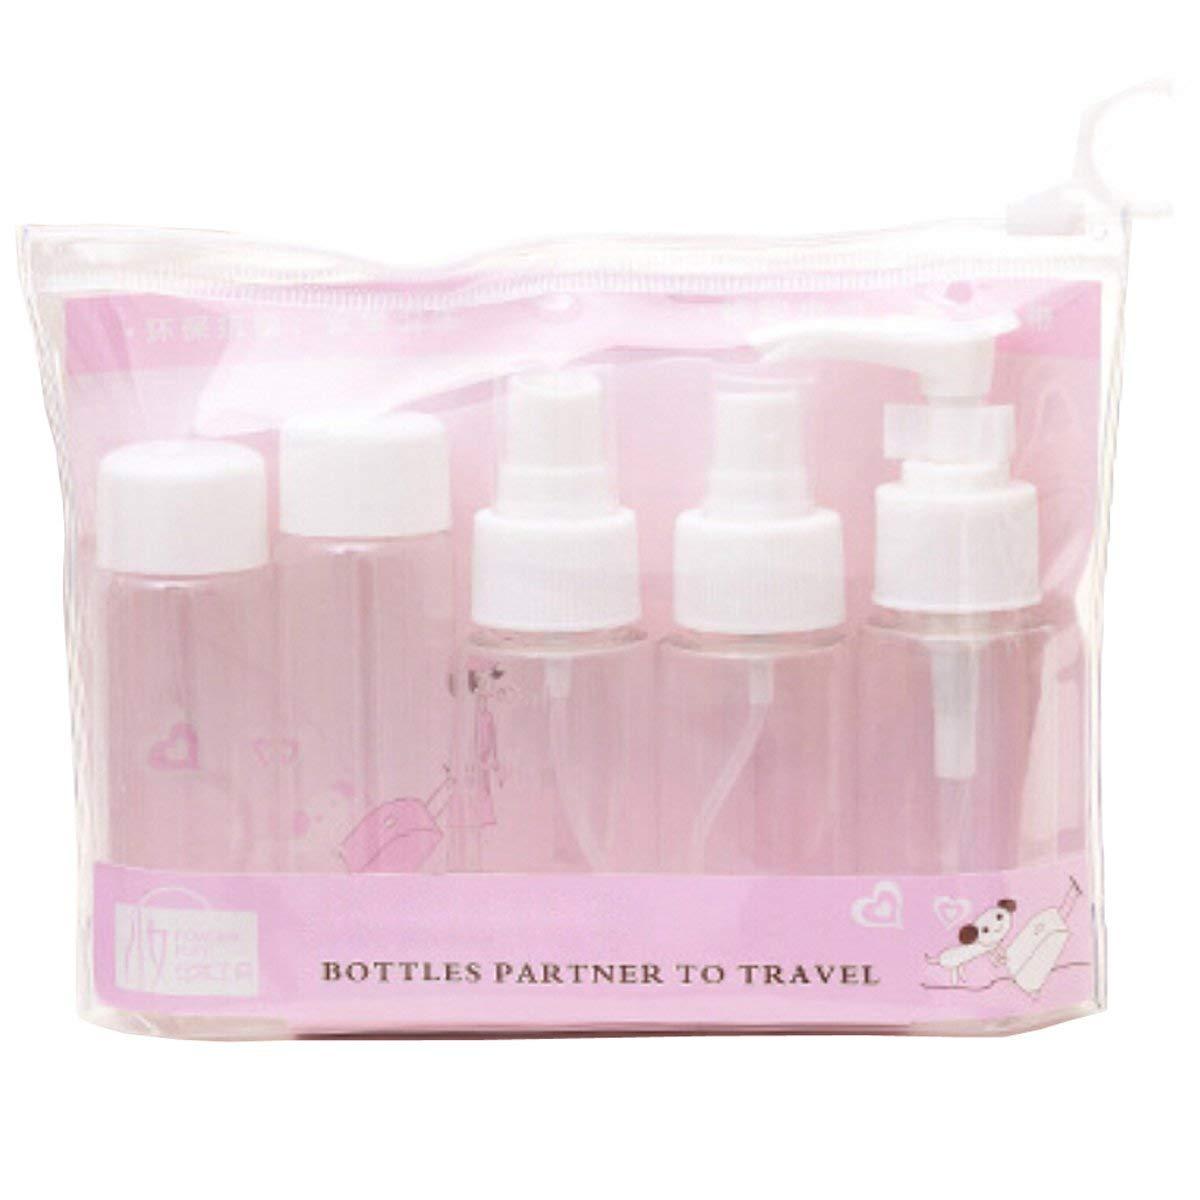 Plastic Spray Bottles - Foaming Liquid Soap Dispensers 40ml (1.36 oz) - Pack of 5 (White, 40ml (1.36 oz))